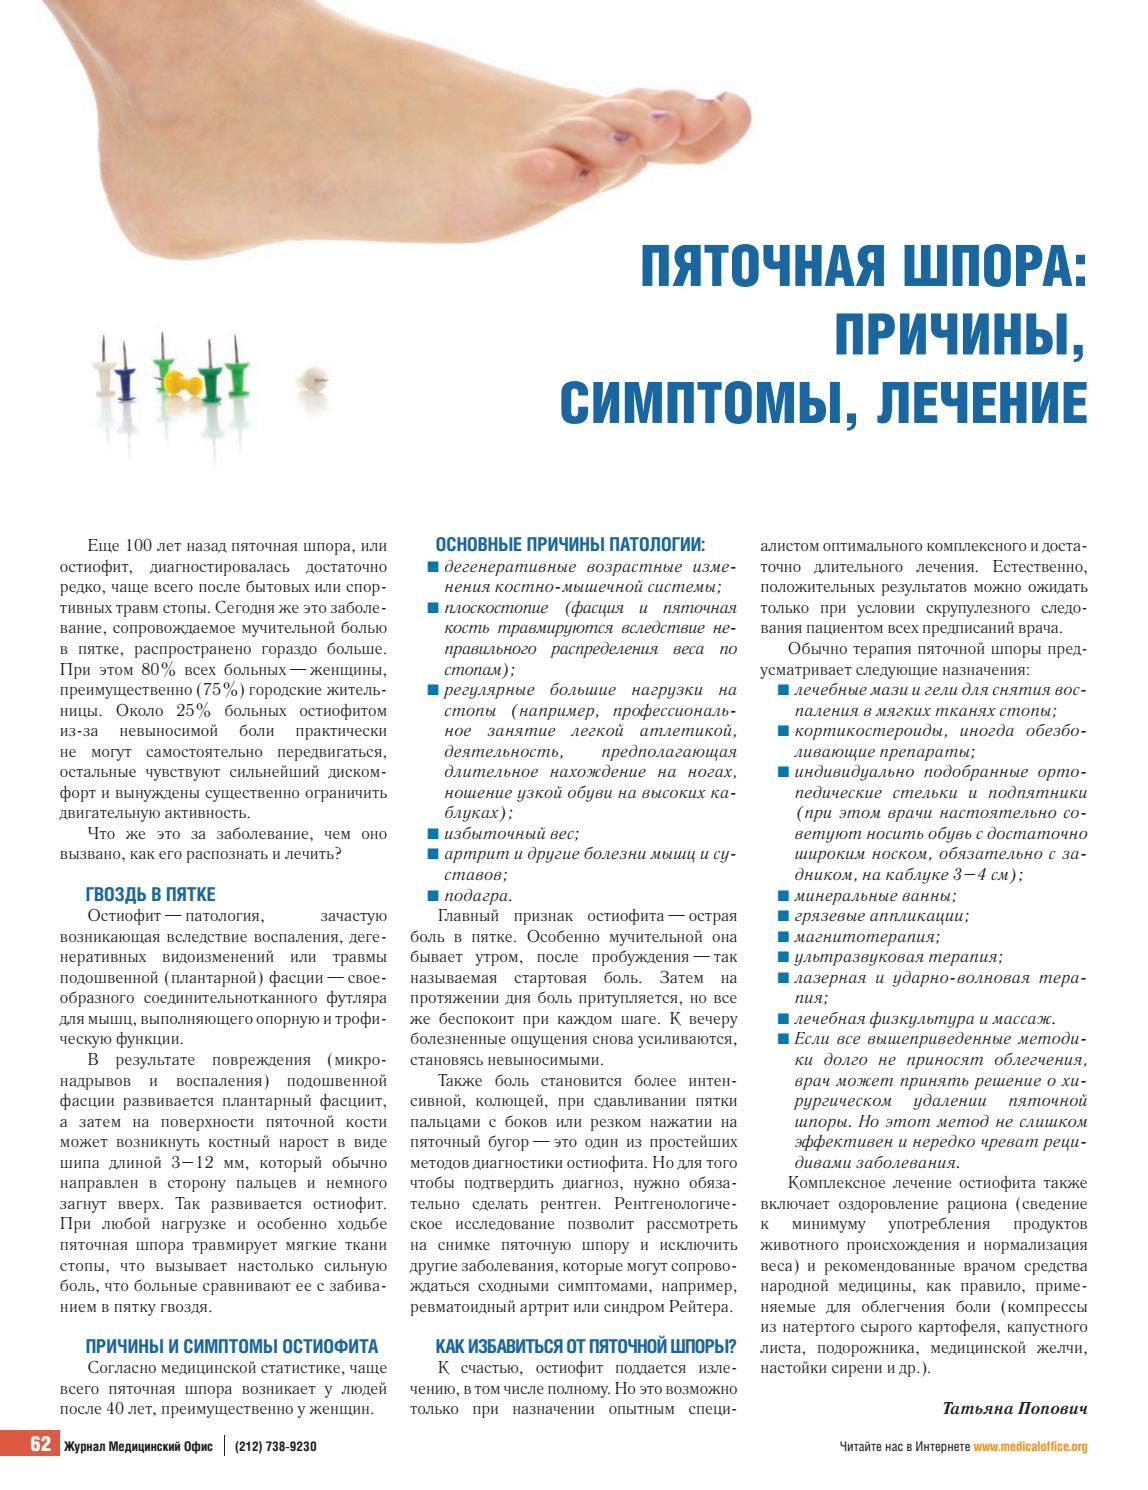 Пяточная шпора — фото, причины, симптомы, лечение и профилактика шпоры на пятке